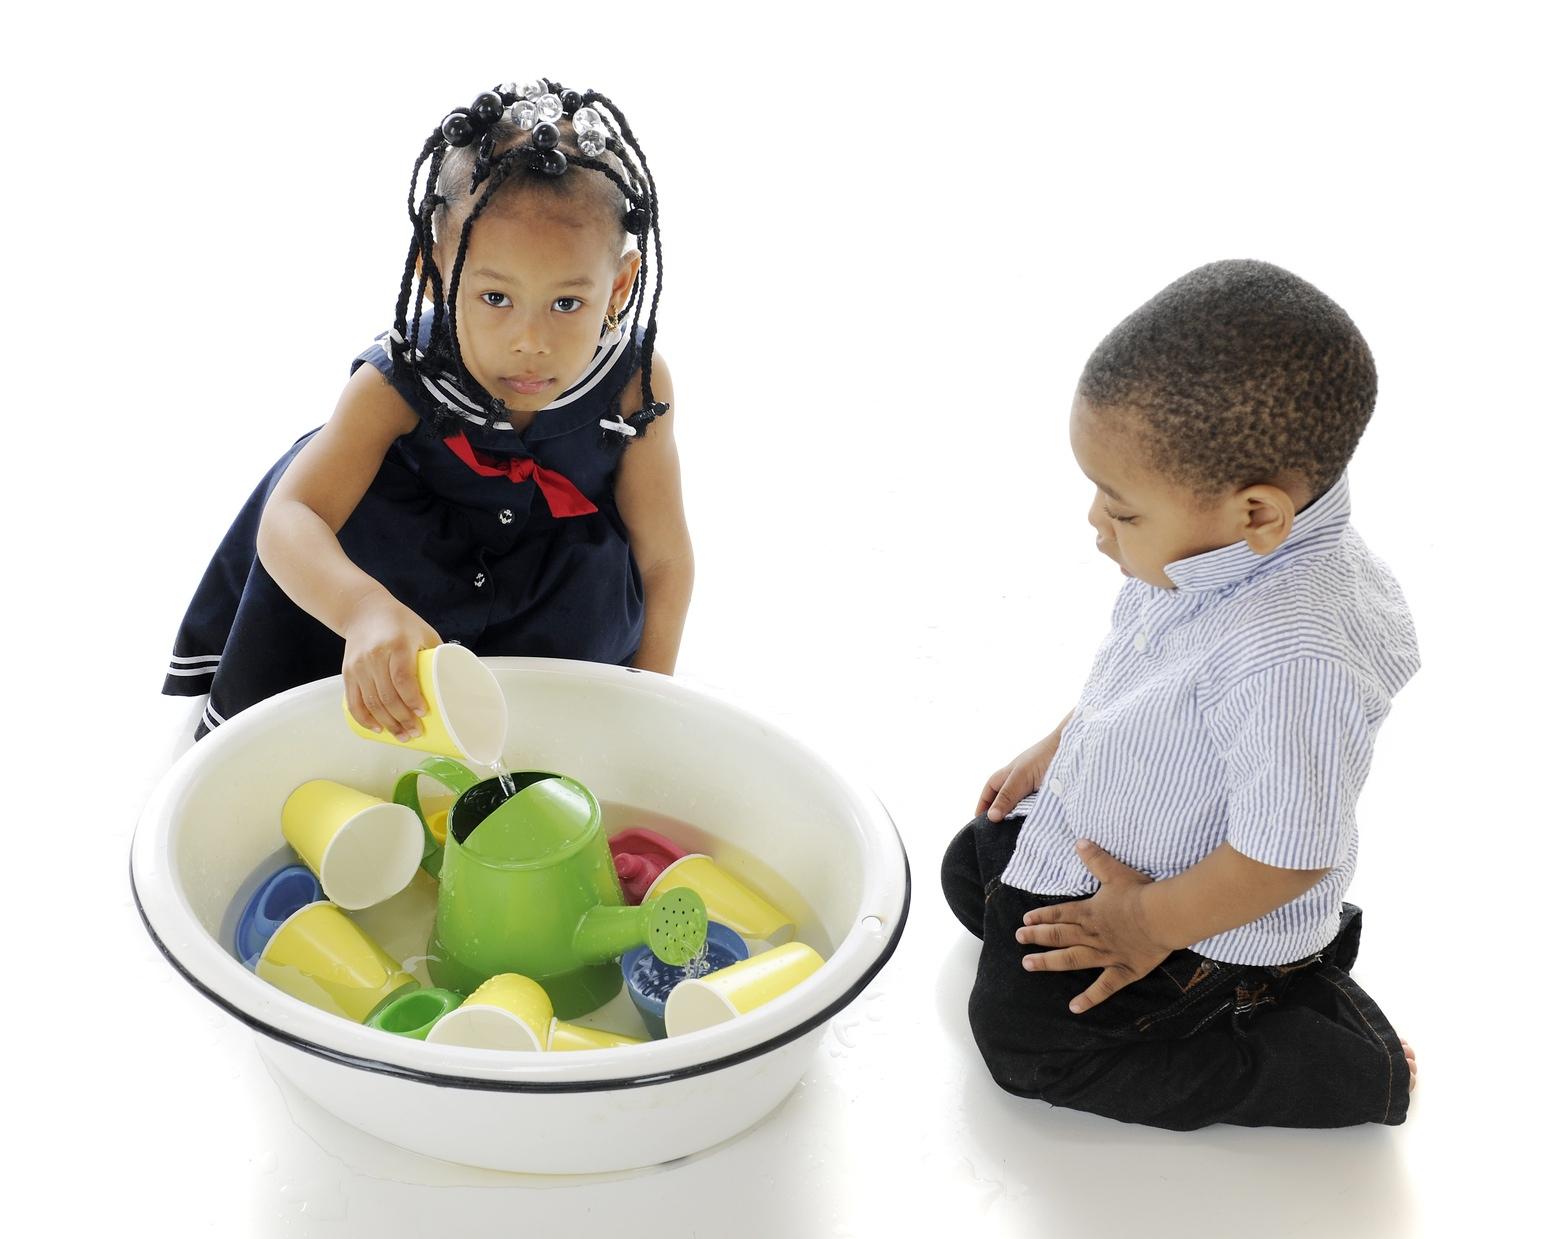 Jeux De Transvasement : Le Grand Plaisir Des Tout-Petits dedans Jeux Pour Petit Enfant